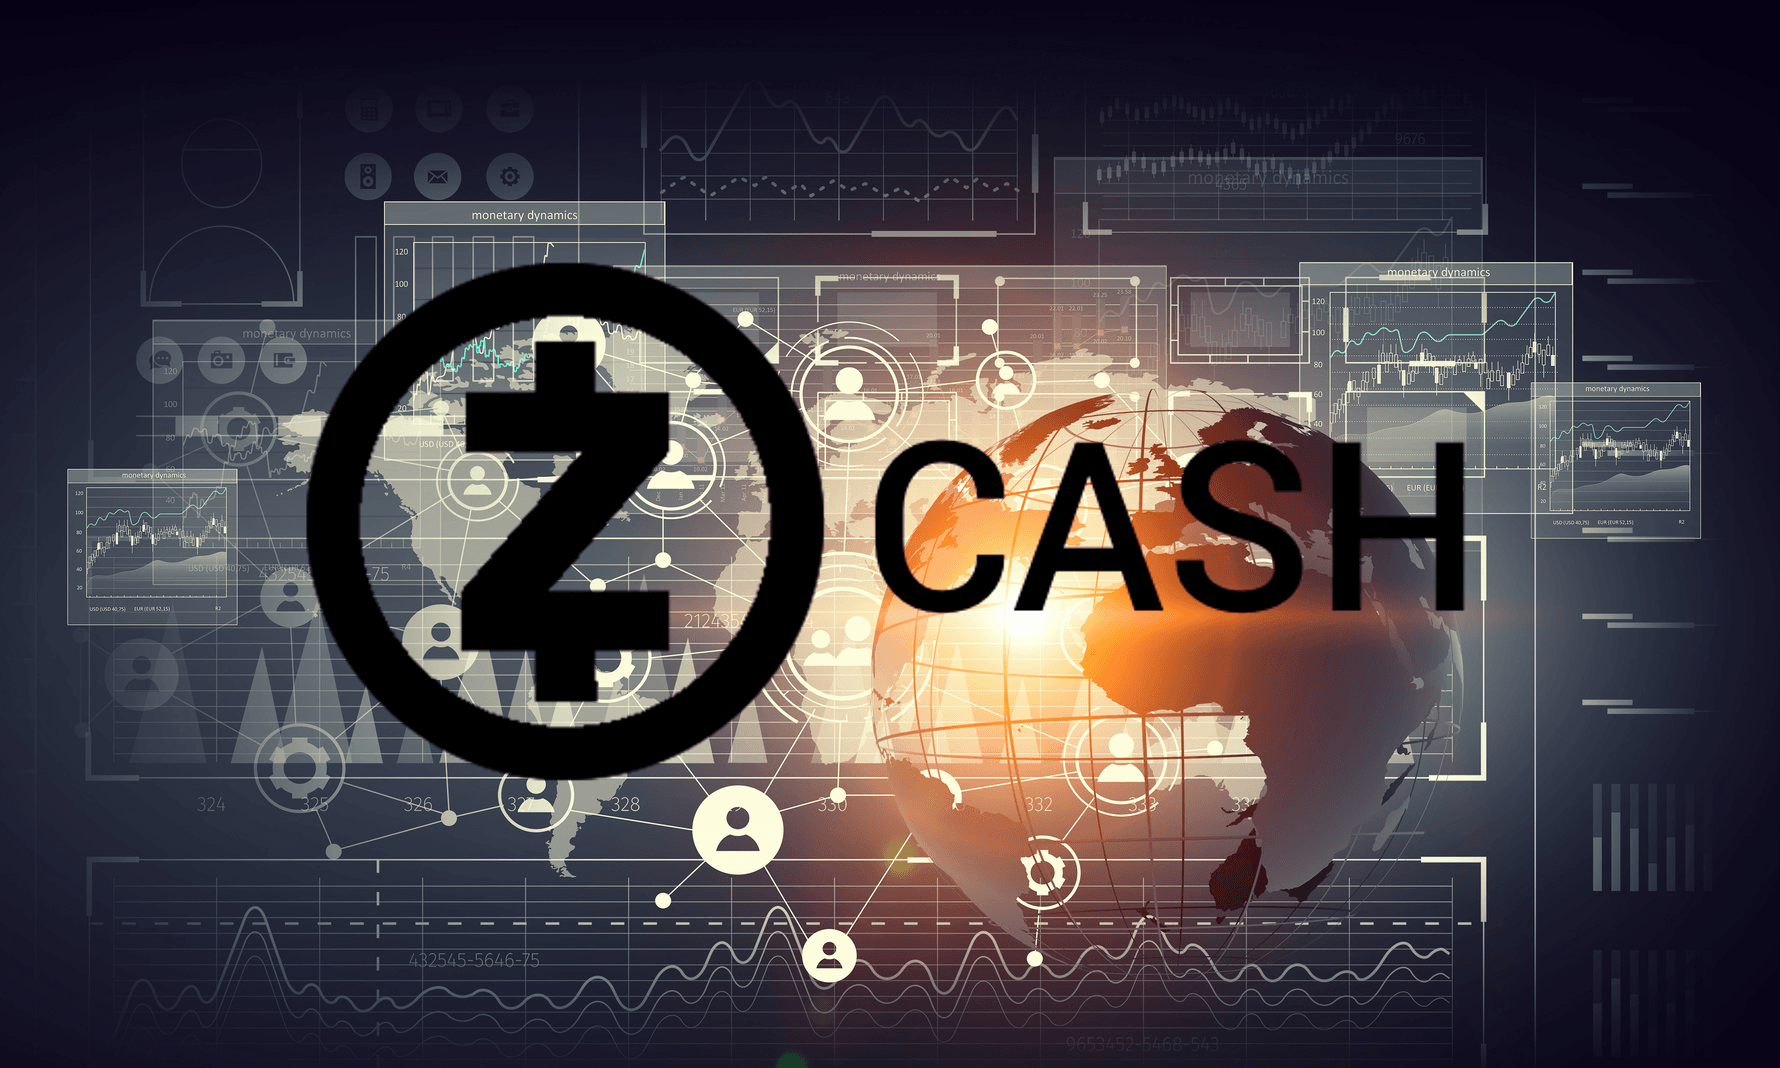 Quatro pesquisadores da University College de Londres descobriram que certos padrões de transferências confidenciais ZCash reduzem significativamente o anonimato da moeda.